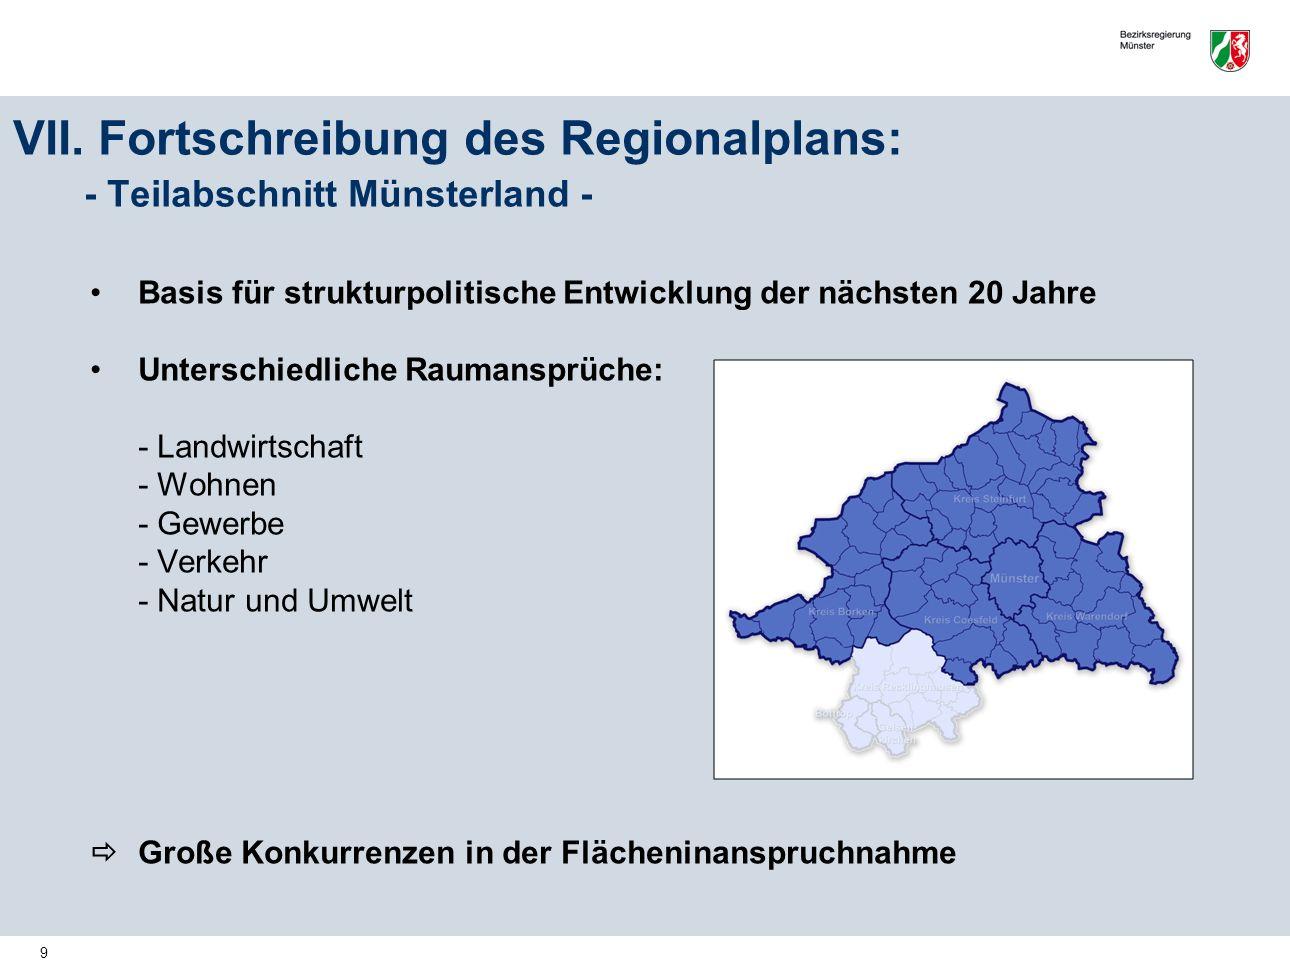 VII. Fortschreibung des Regionalplans: - Teilabschnitt Münsterland -